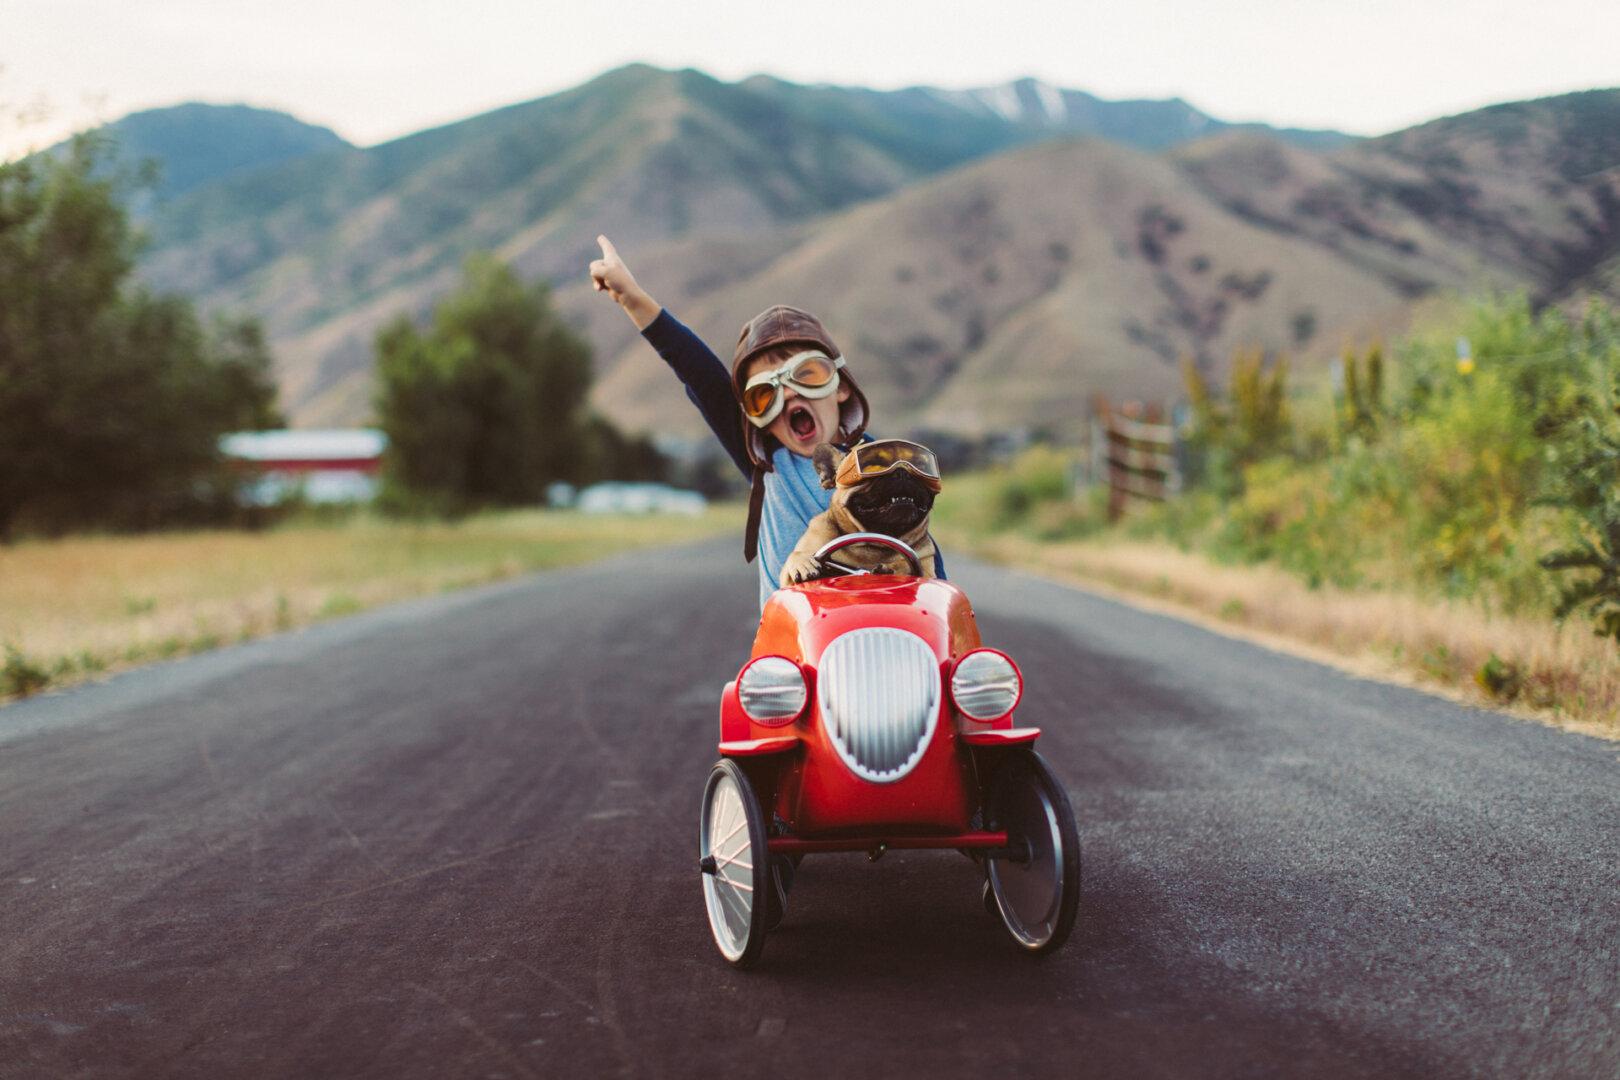 Kleiner Junge mit Fliegerbrille fährt ein rotes Spielzeugauto